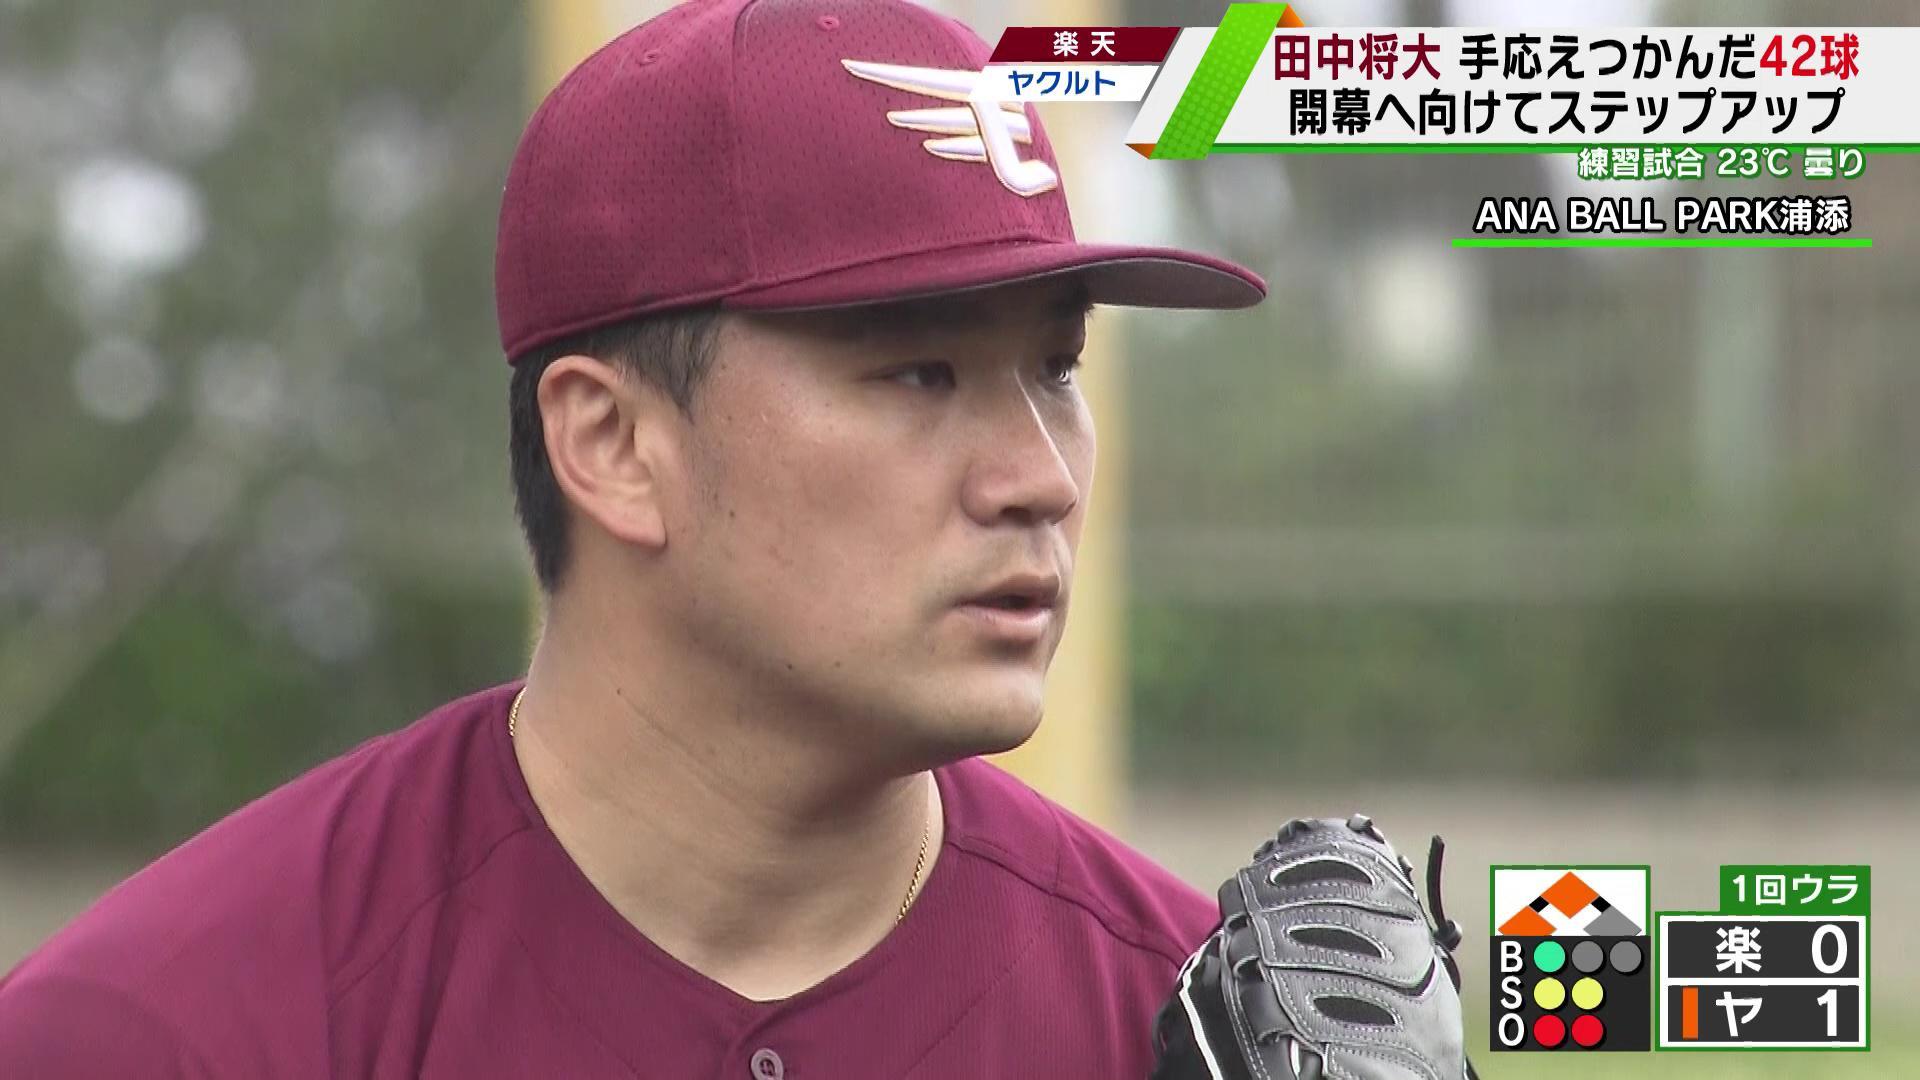 【楽天】田中将大 2度目の実戦登板で燕の若き大砲・村上宗隆と初対戦